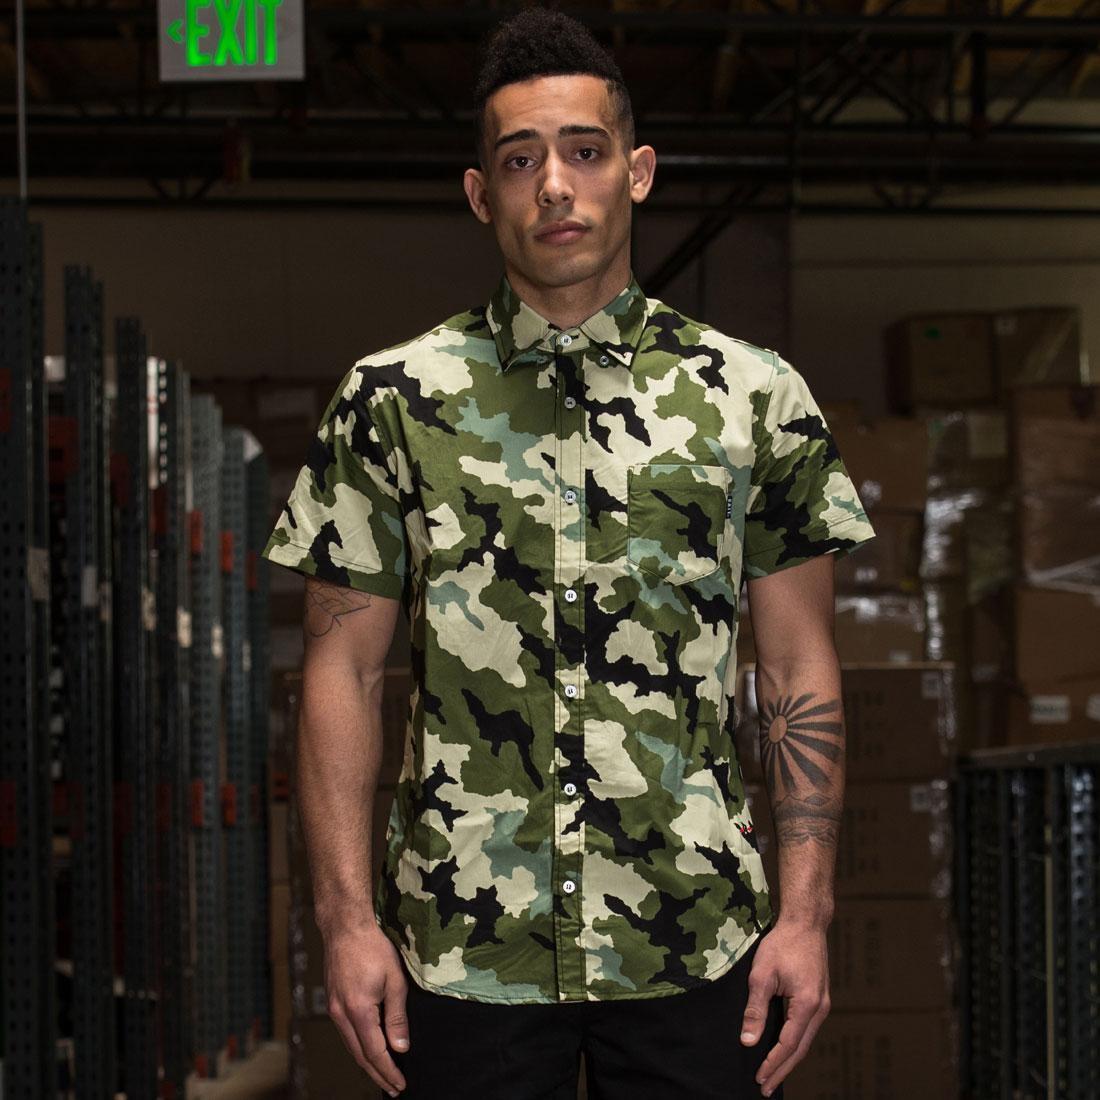 BAIT Basics Short Sleeve Shirt (camo)